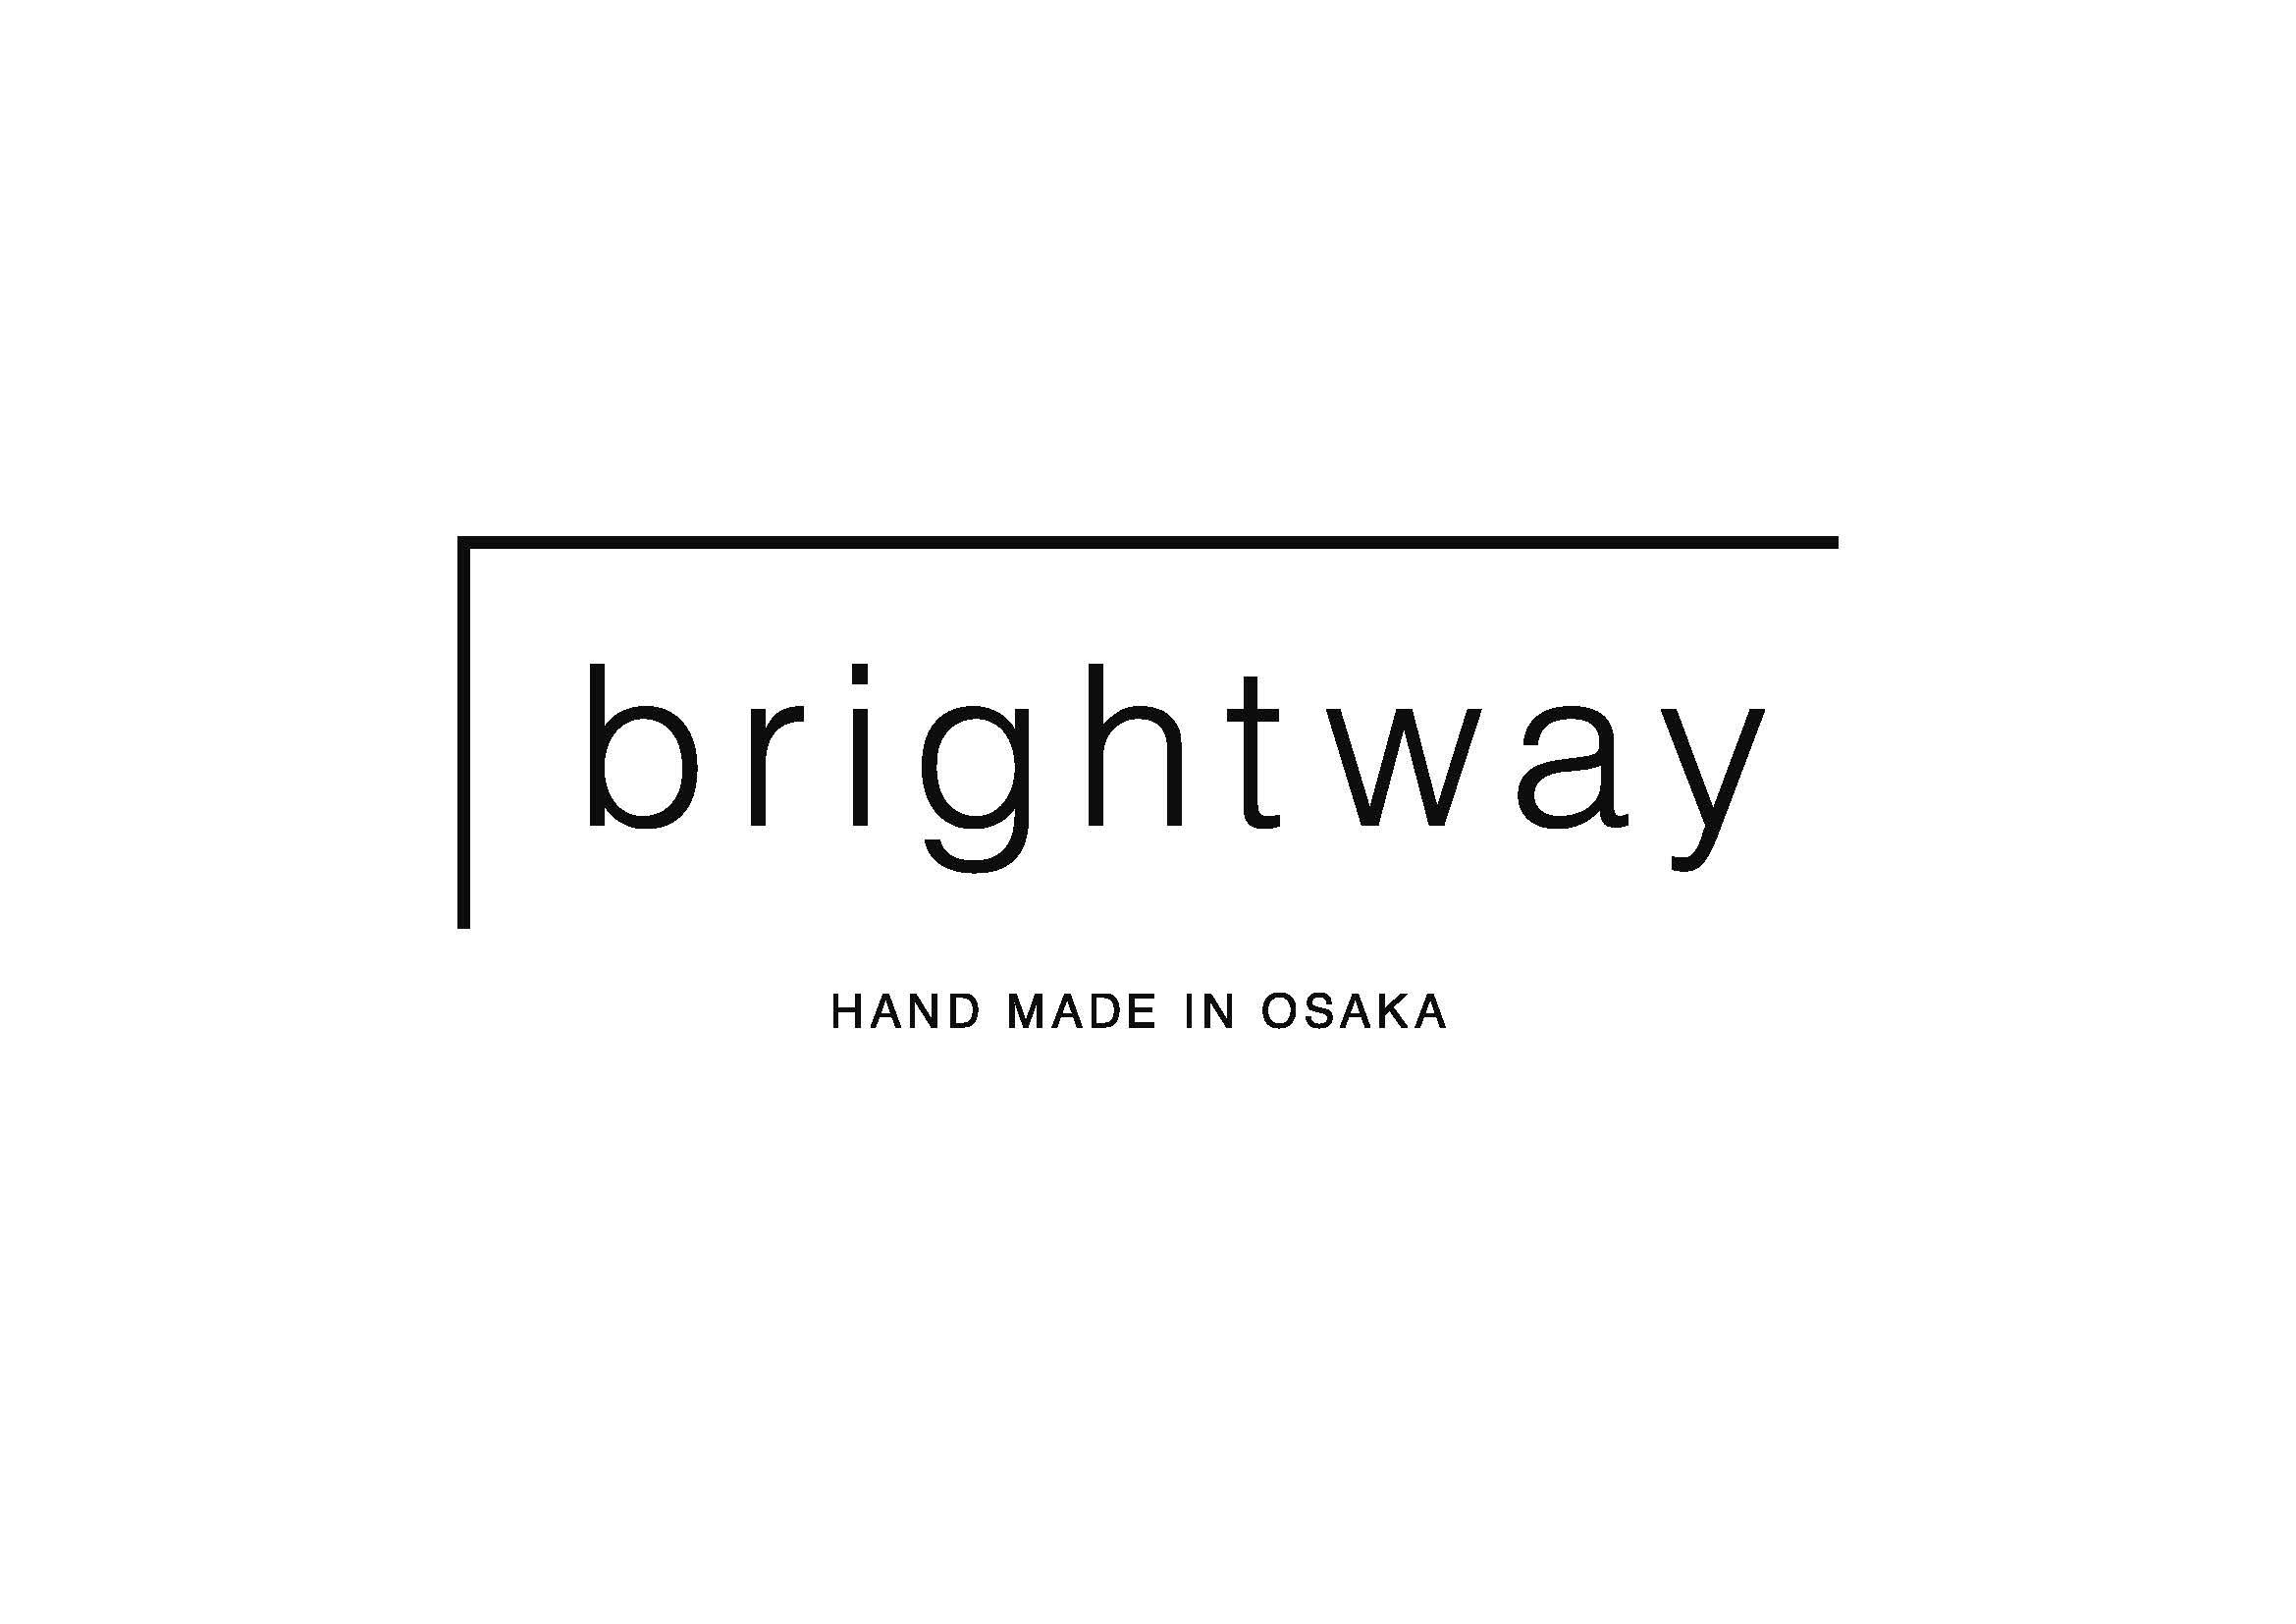 brightwayのロゴに込められた想い